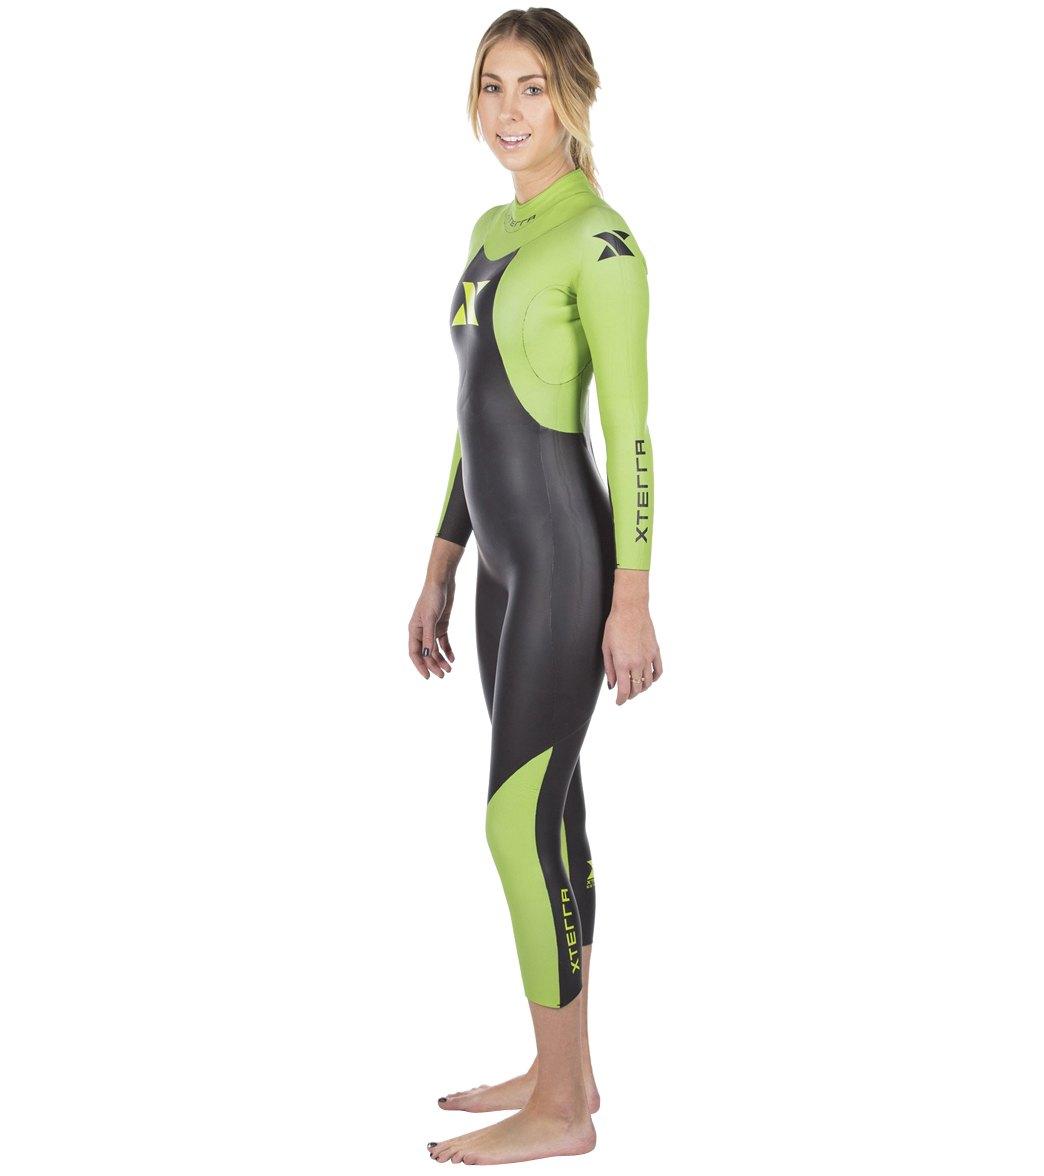 a629c0a3a1 Xterra Wetsuits Women s Vivid Fullsuit Tri Wetsuit at SwimOutlet.com ...